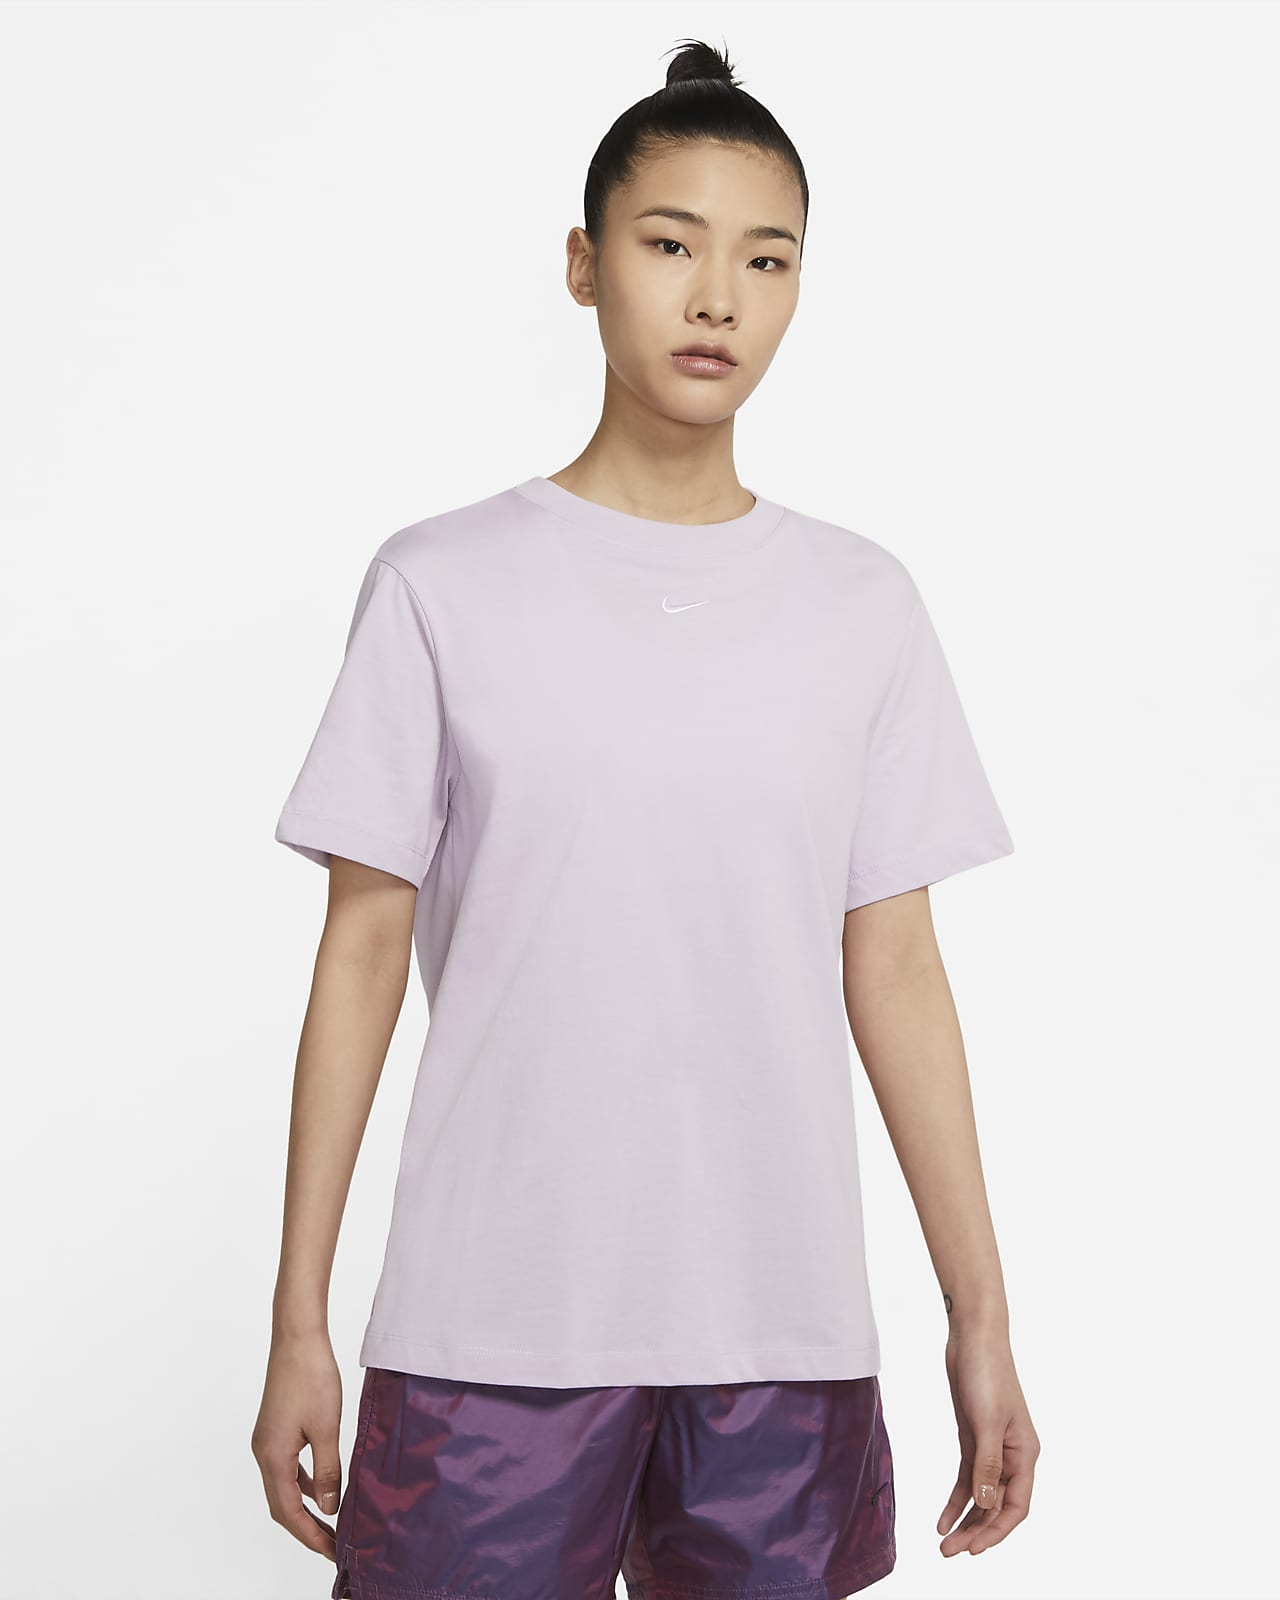 Nike Sportswear Essential 女子上衣